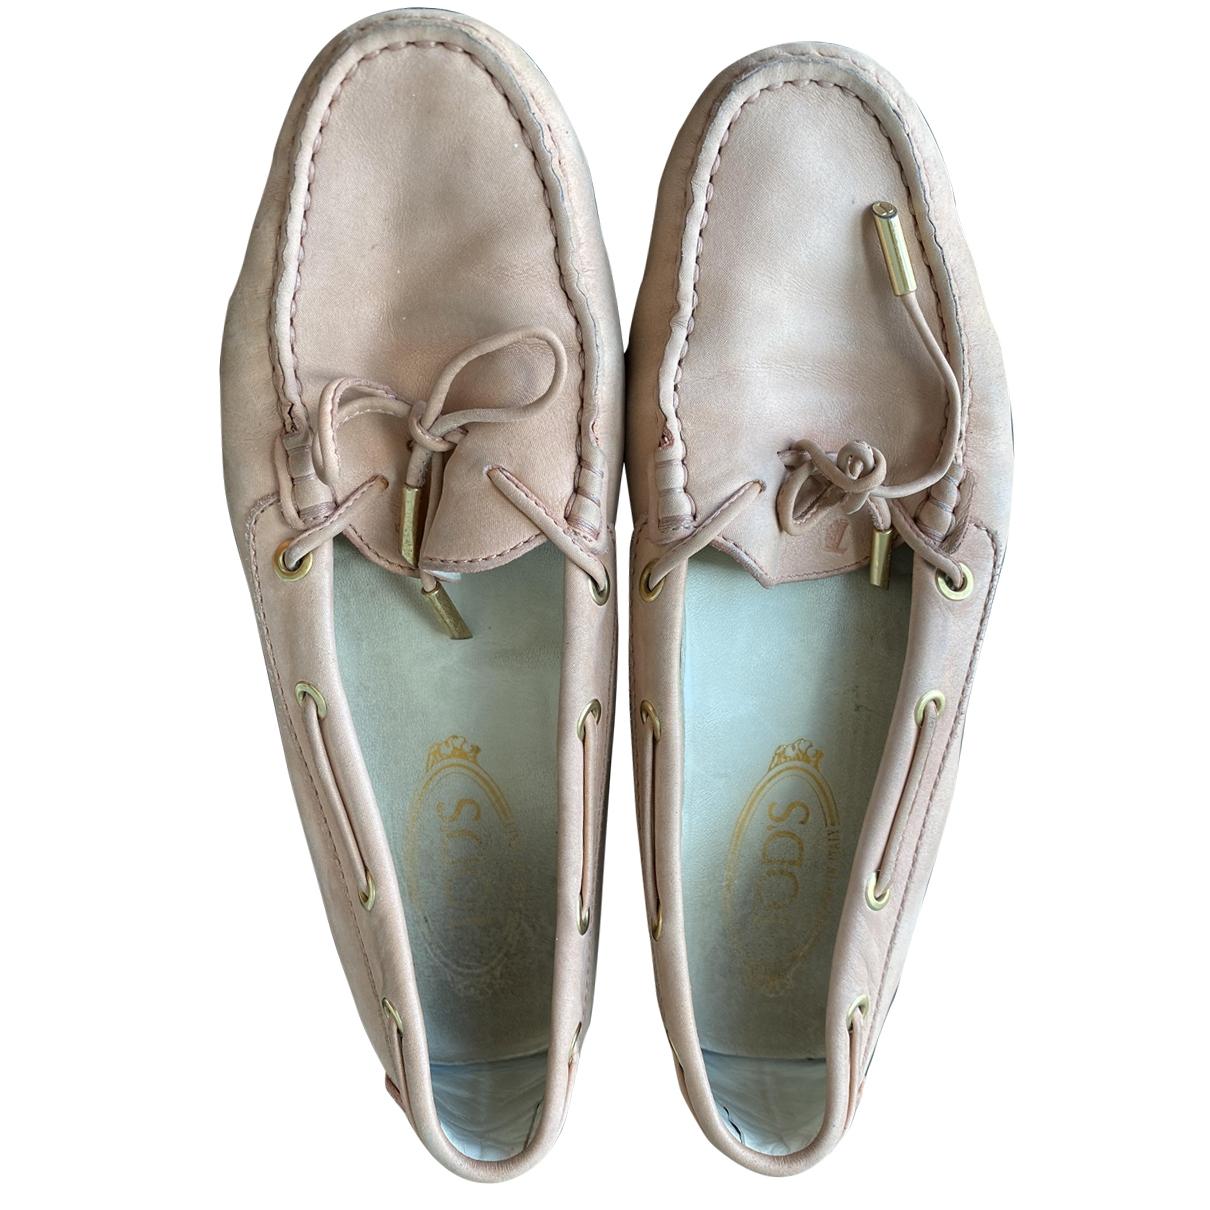 Bailarinas de Cuero Tods